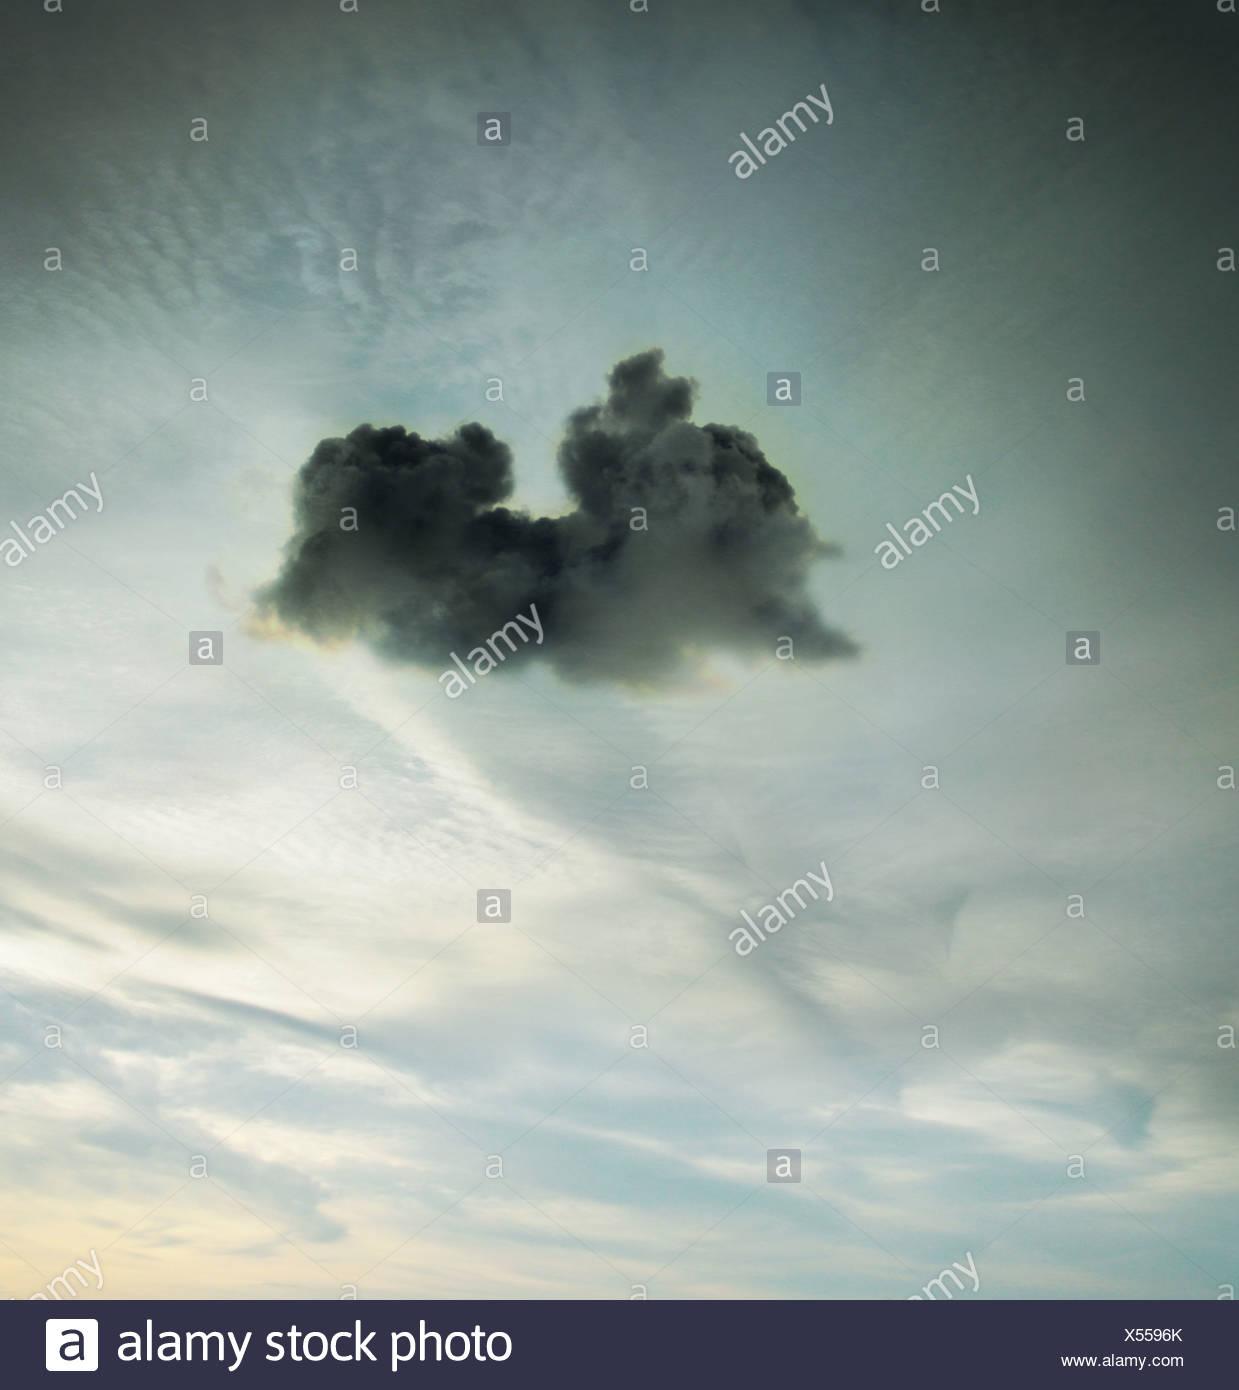 little black cloud - Stock Image